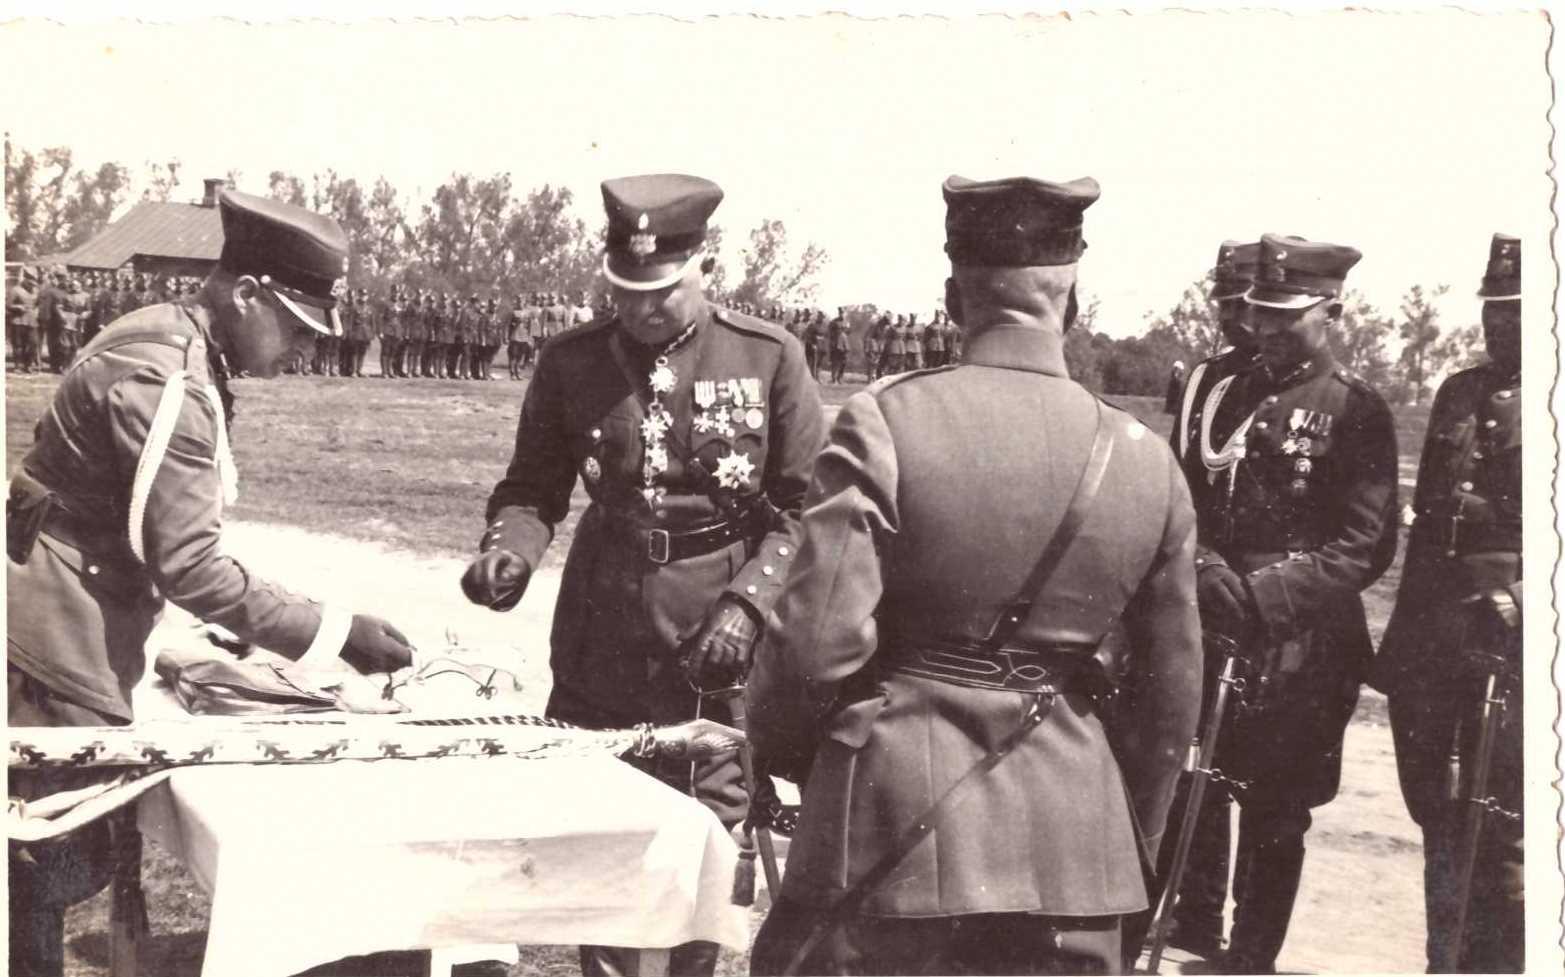 Групенфюрер Рудолфс Бангерскис еще в довоенной форме после принятия парада 12 Бауского пехотного полка.